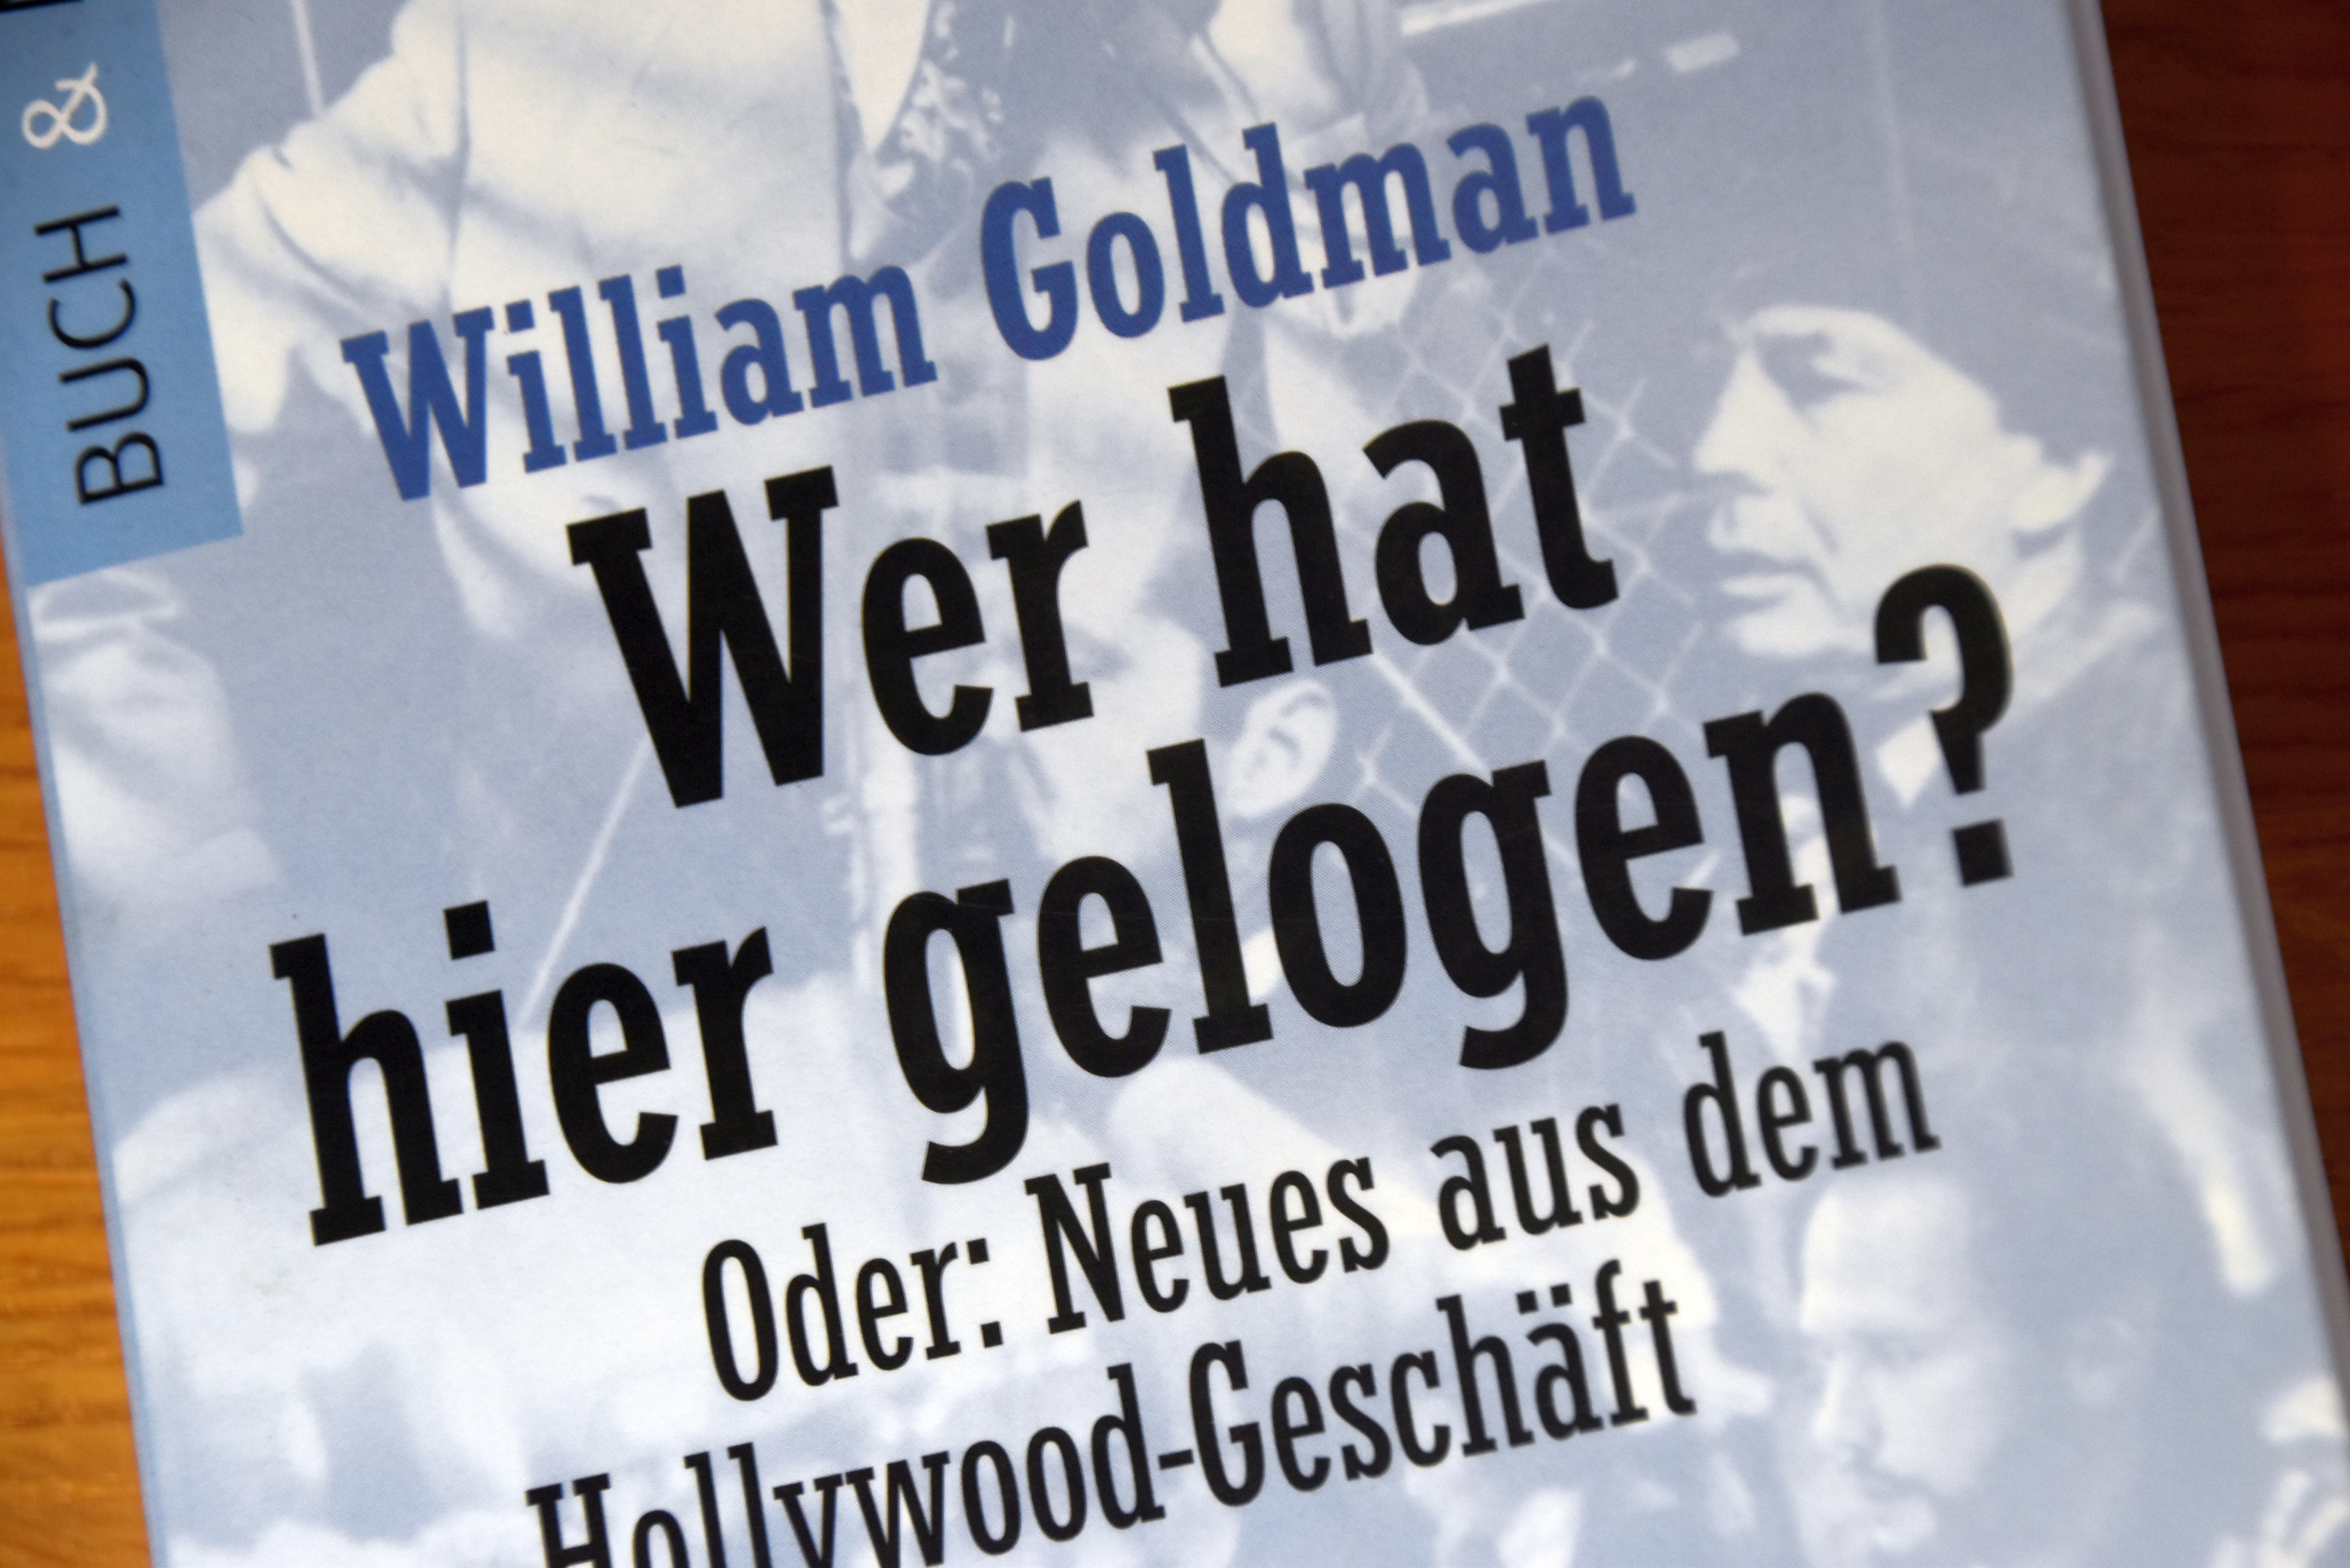 William Goldman: Wer hat hier gelogen?